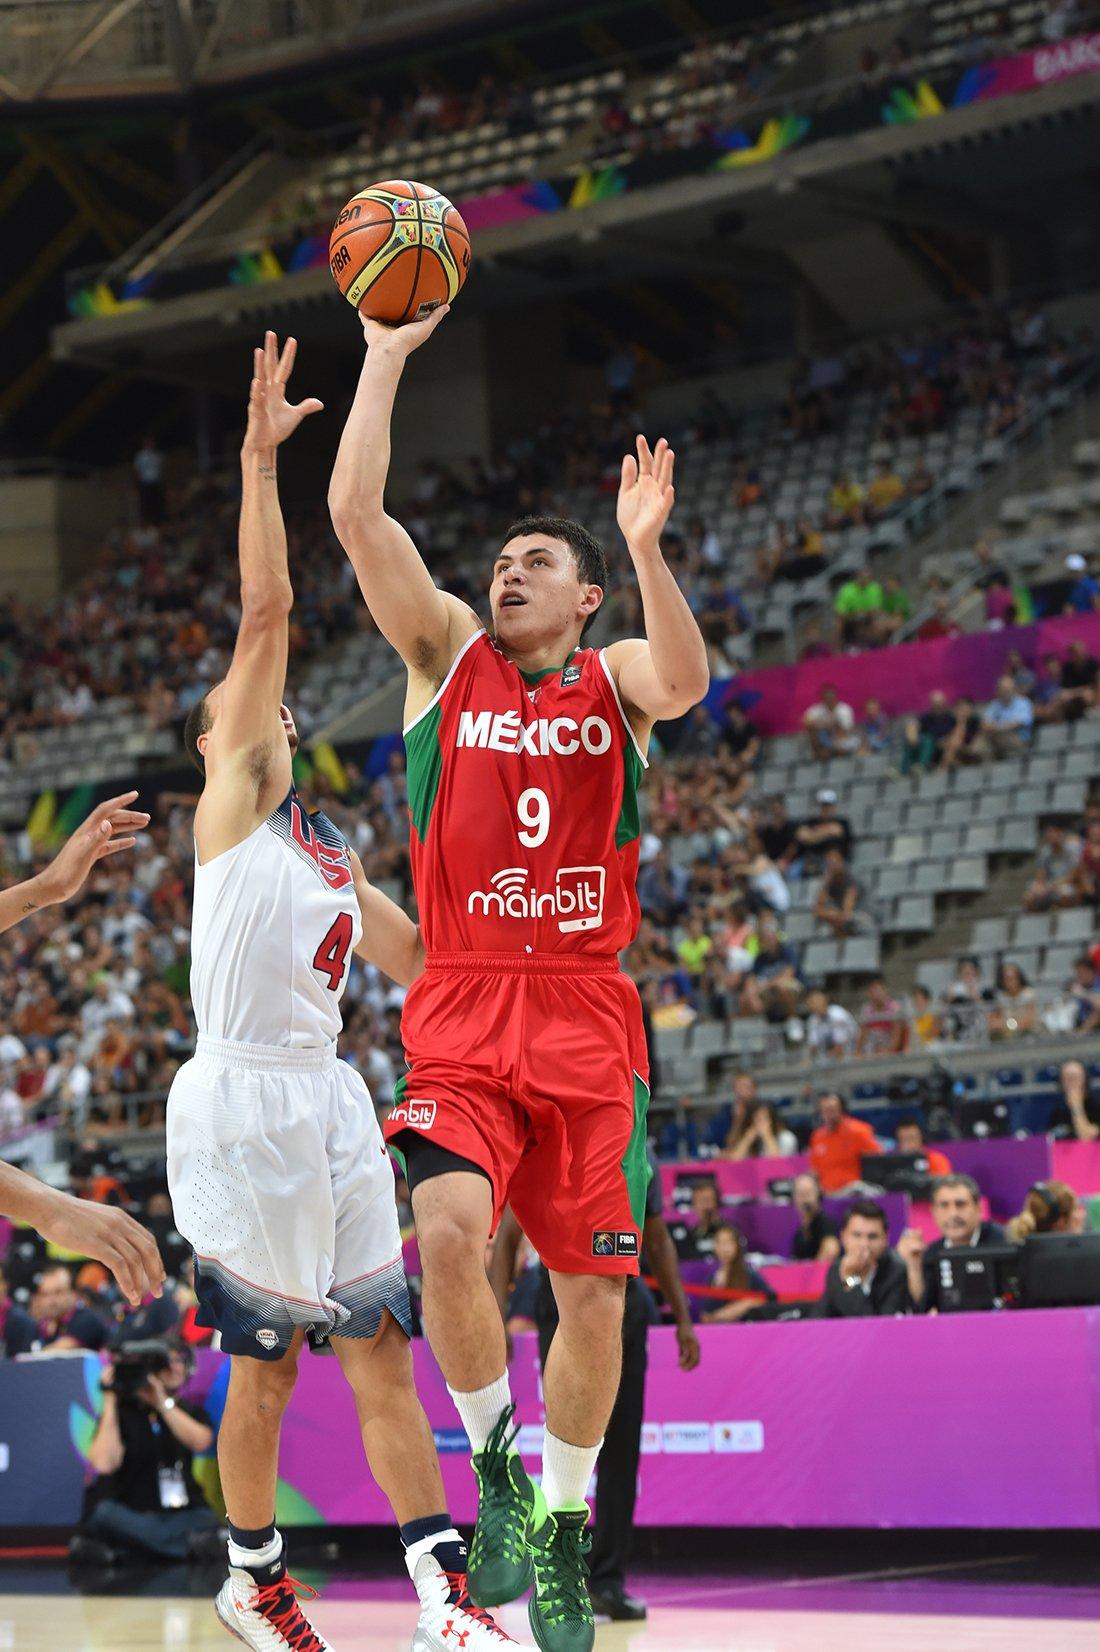 Paco Cruz en octavos de final contra estados unidos en viva basquet